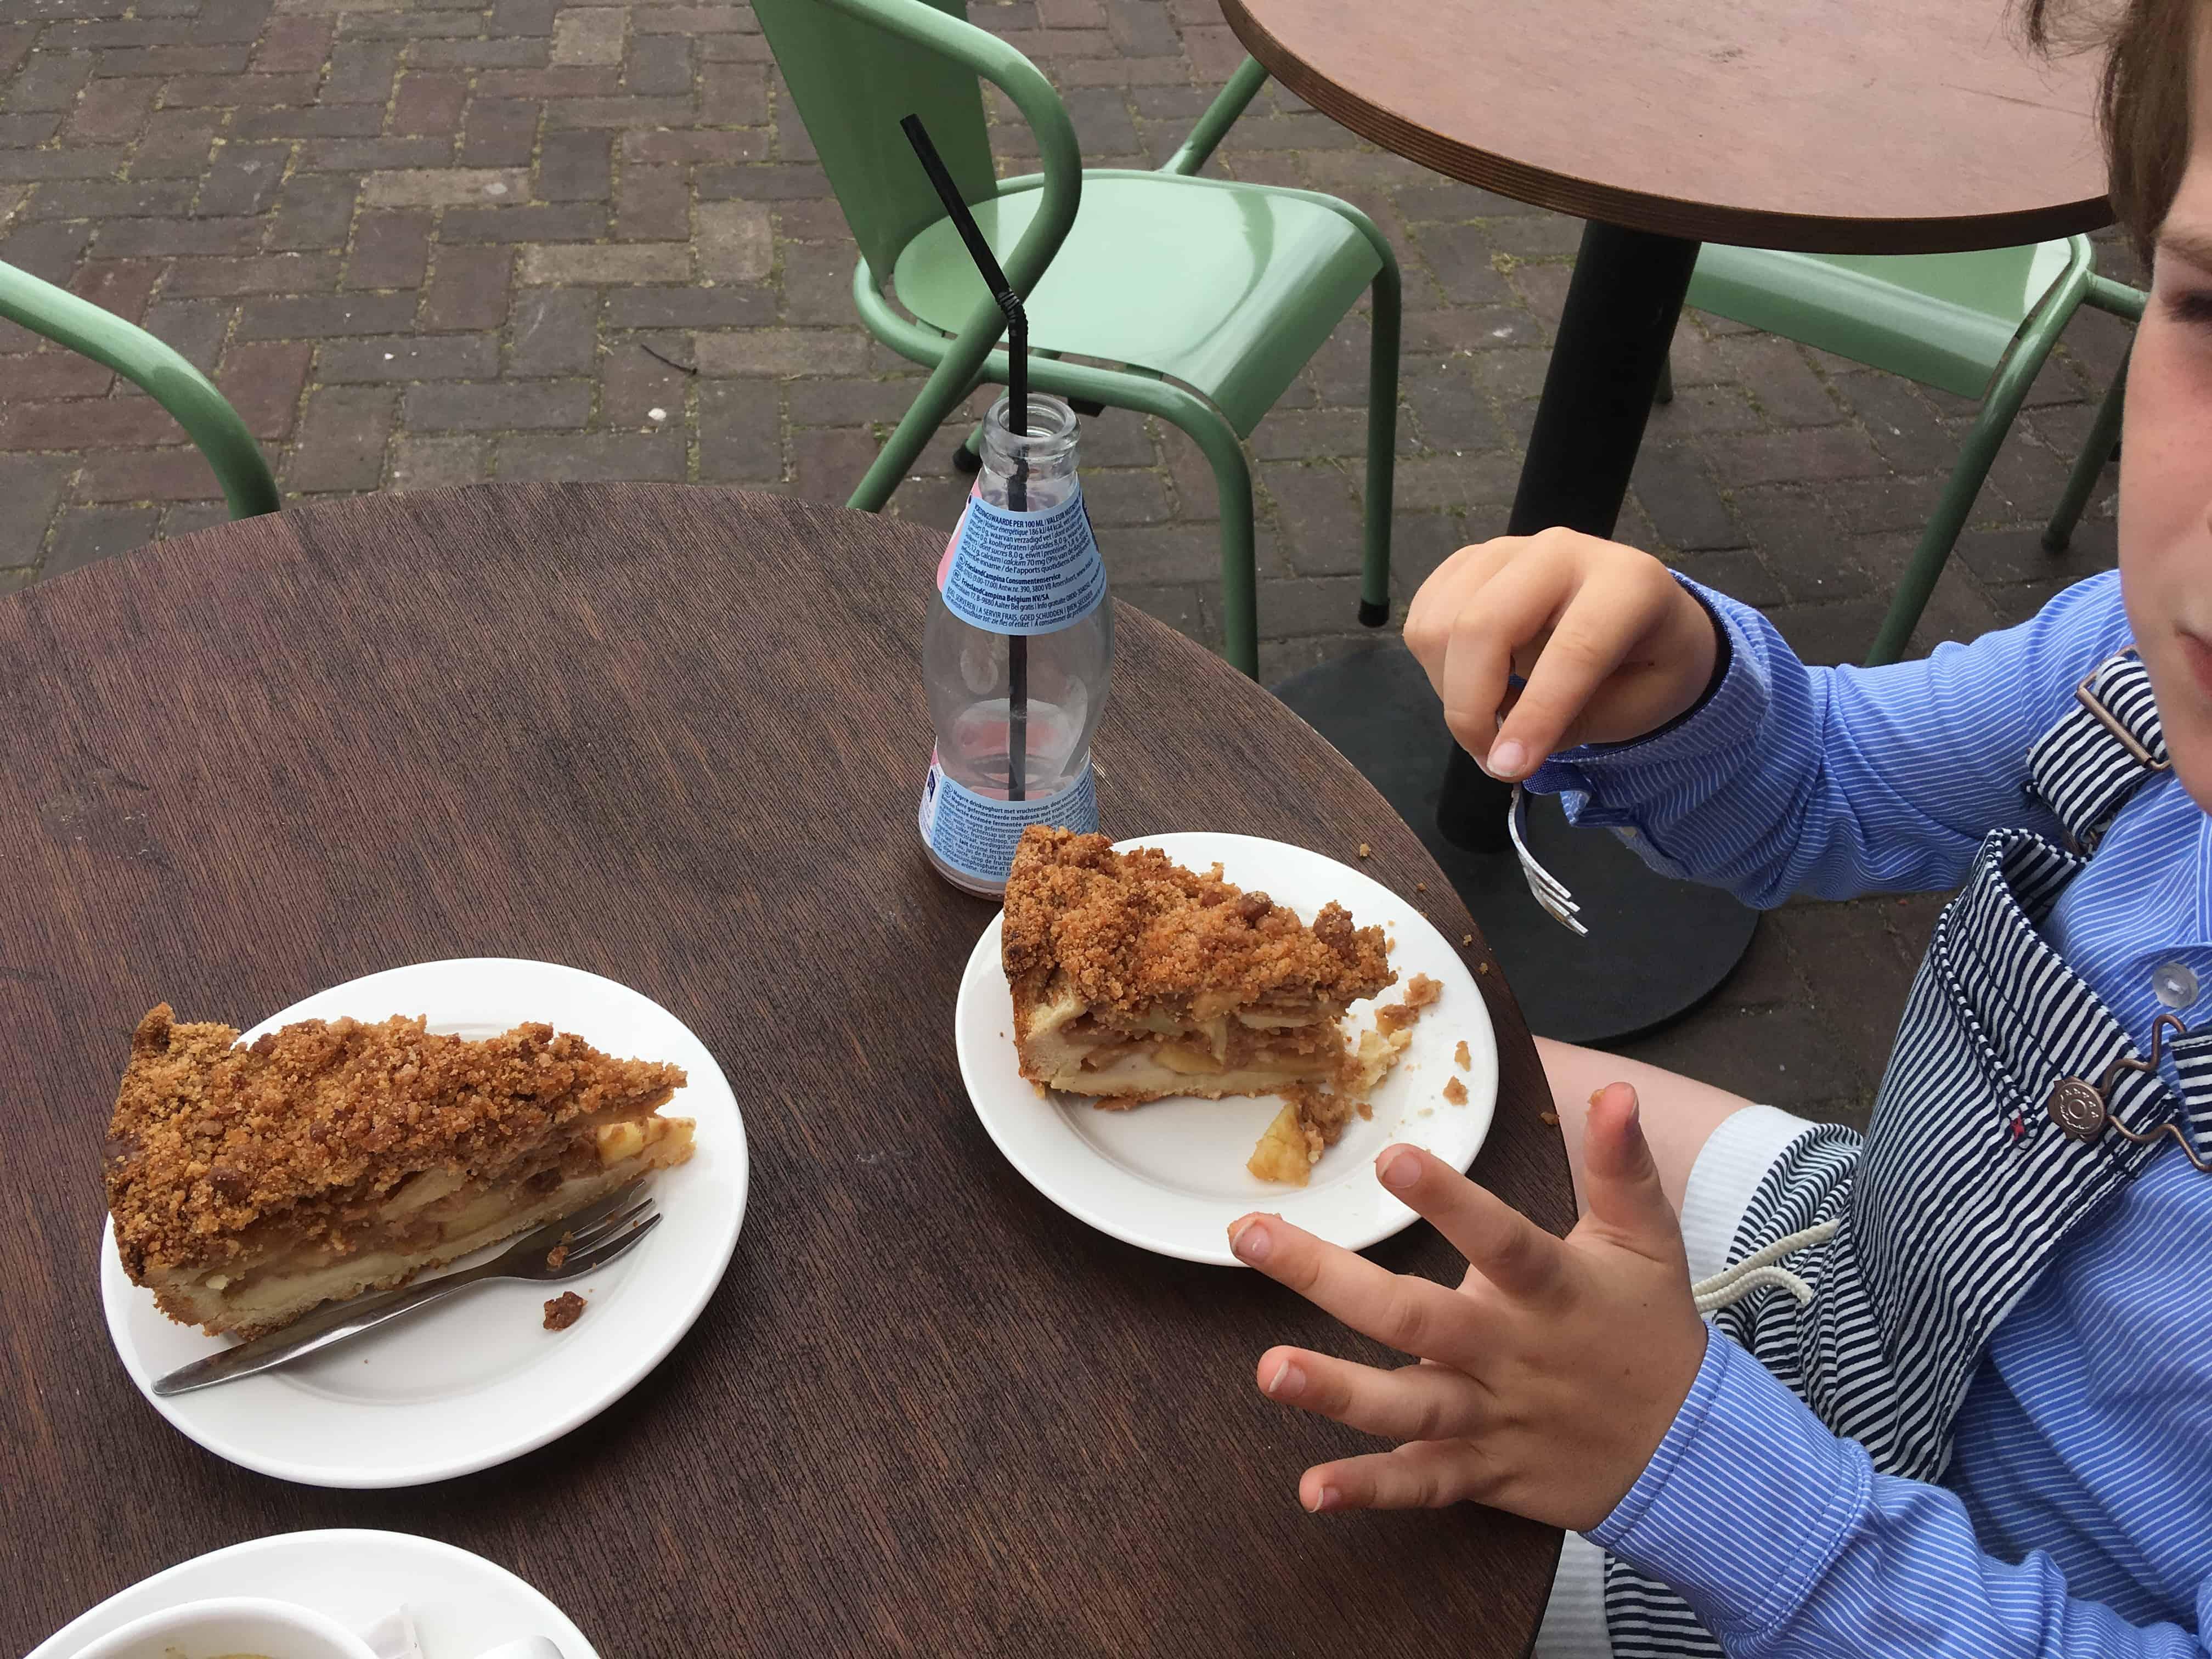 Fosse indachtig genieten wij van een punt overheerlijke appeltaart.